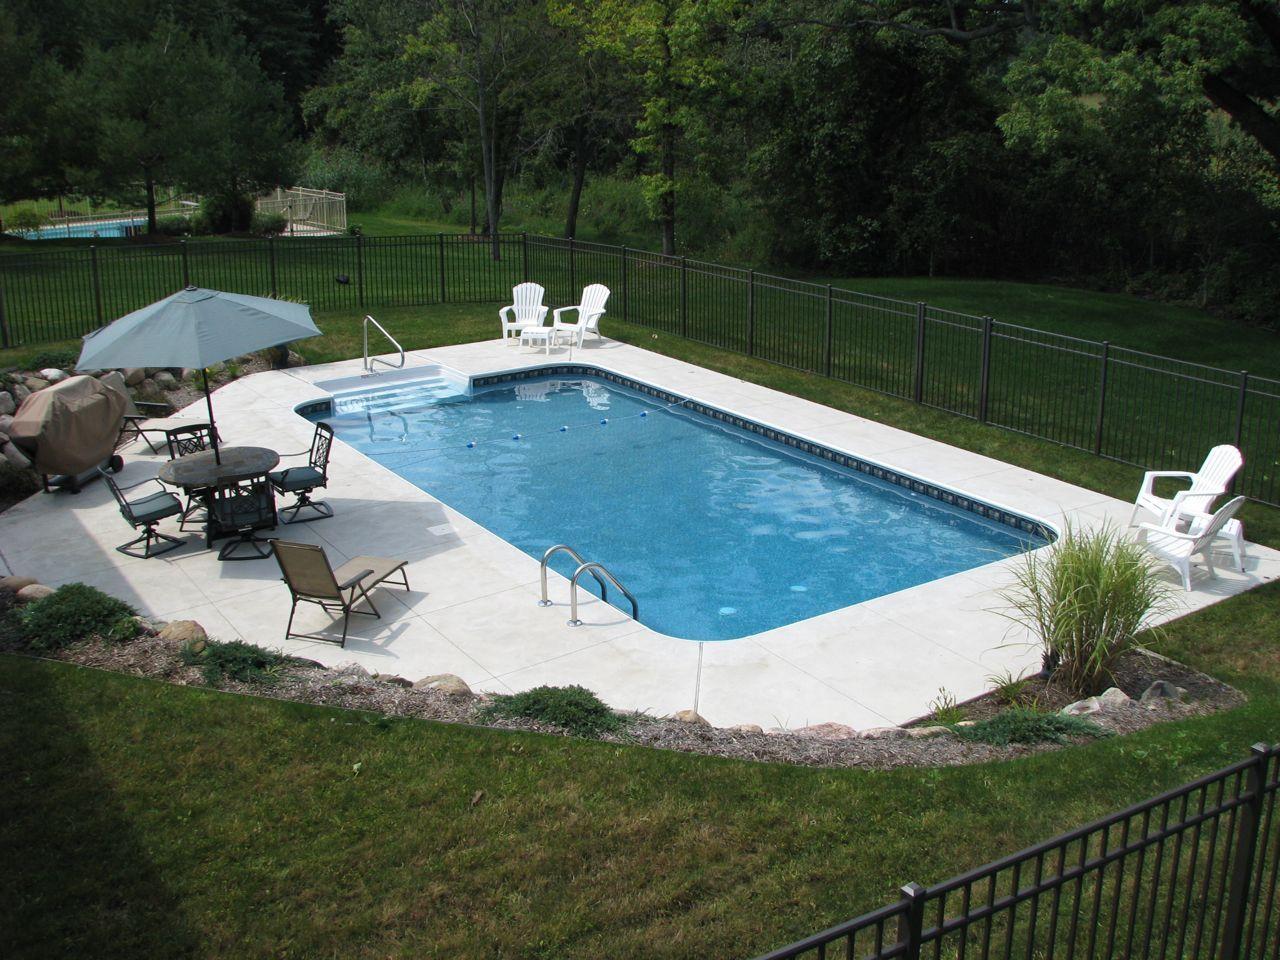 16x32 Inground Pool Photo Gallery Inground Pool Landscaping